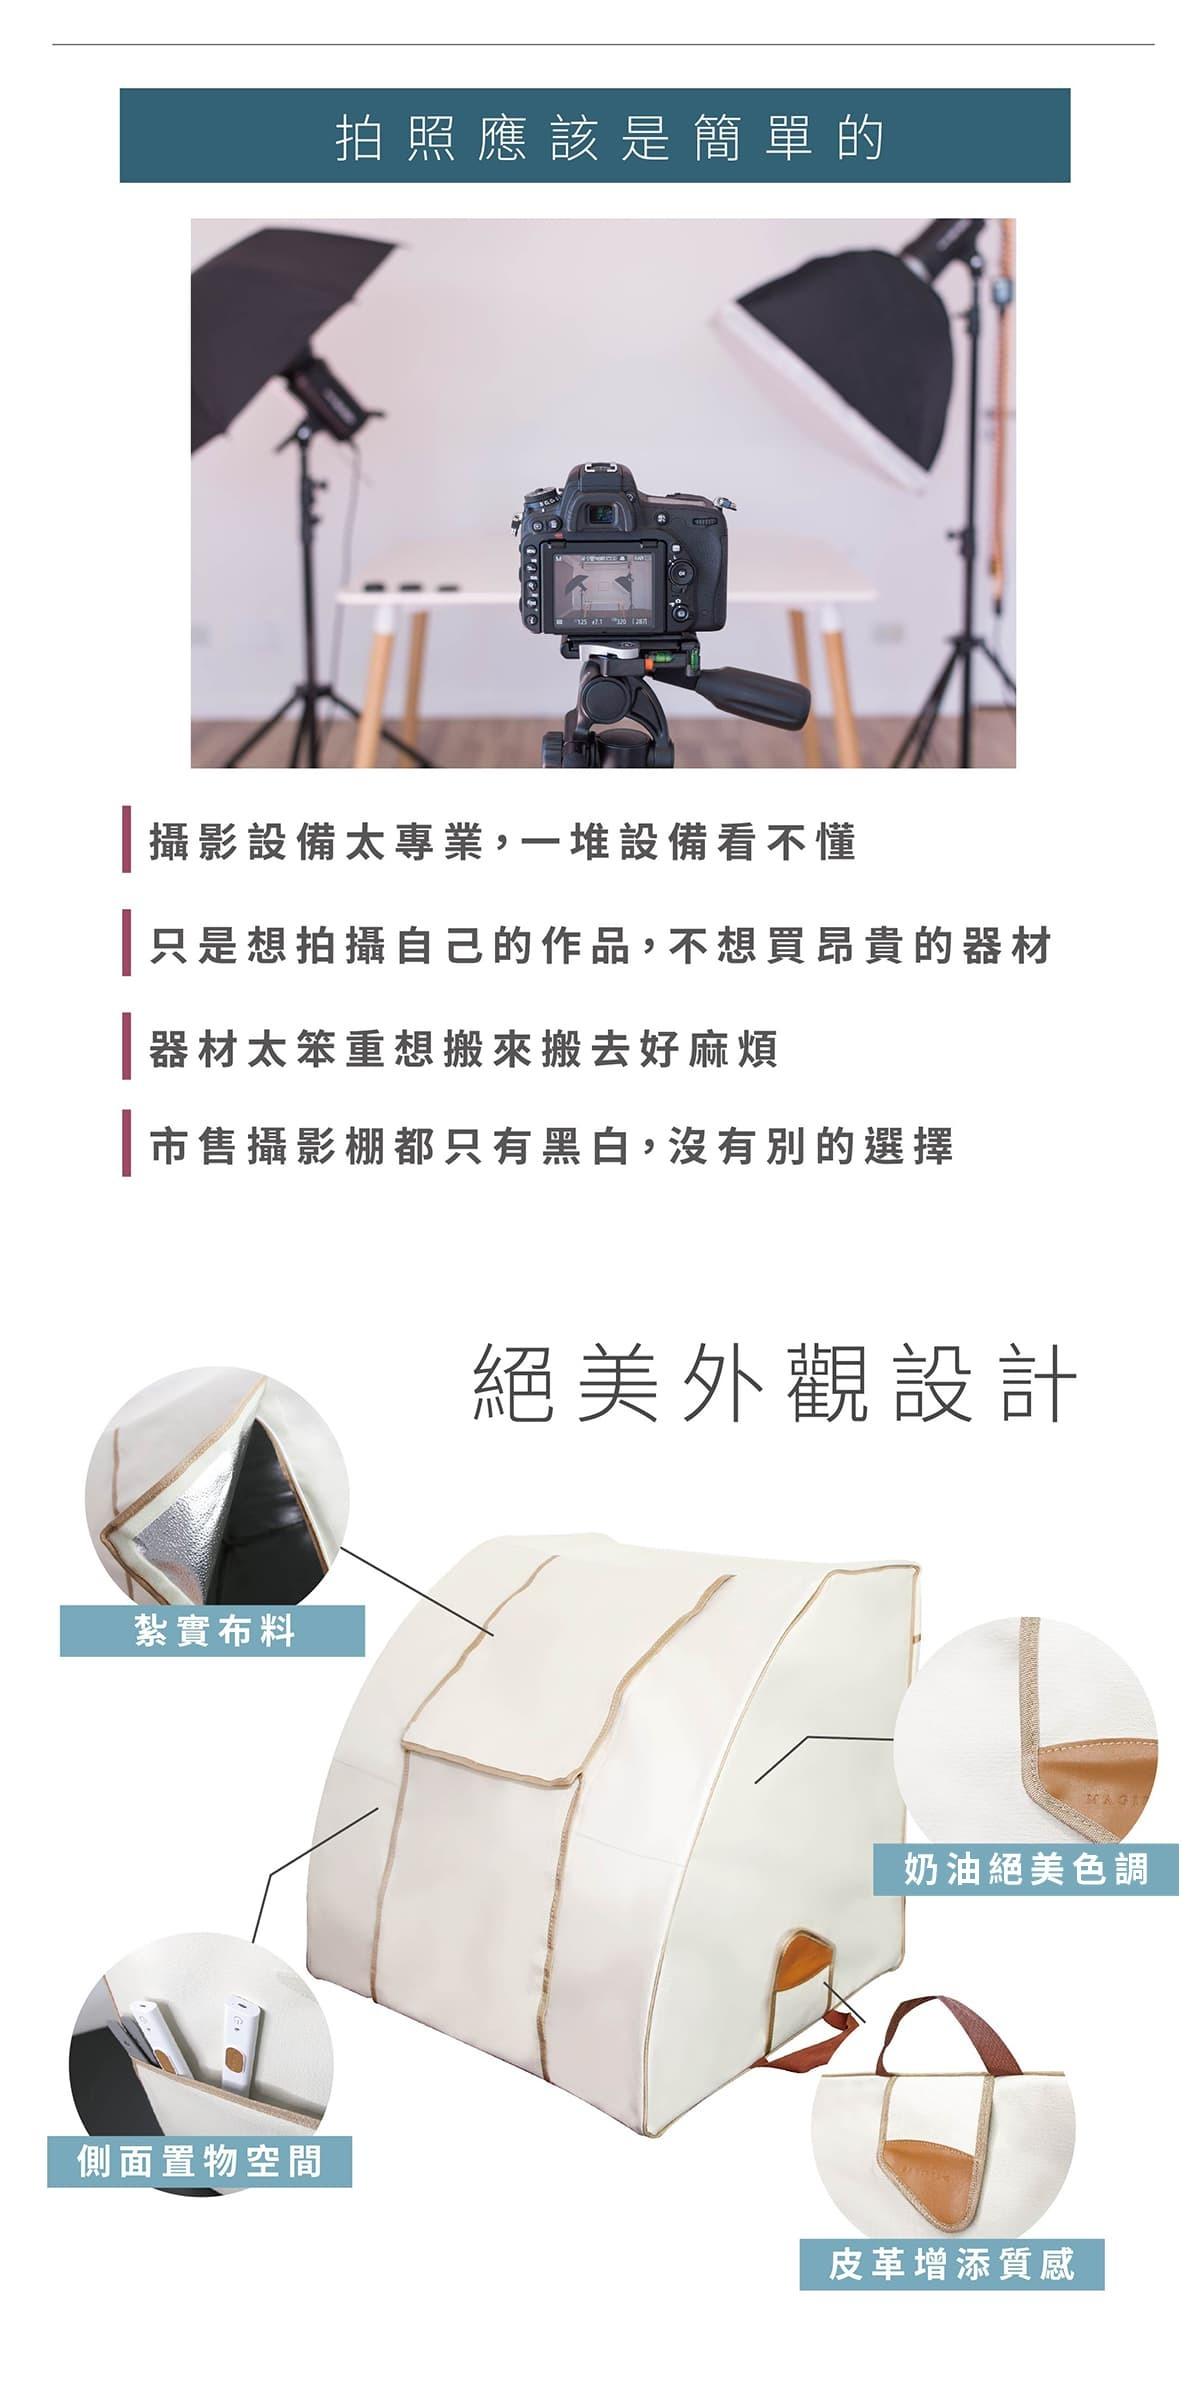 攝影棚推薦-迷你攝影棚外觀設計、紮實布料、皮革增添質感、側面還有置物空間